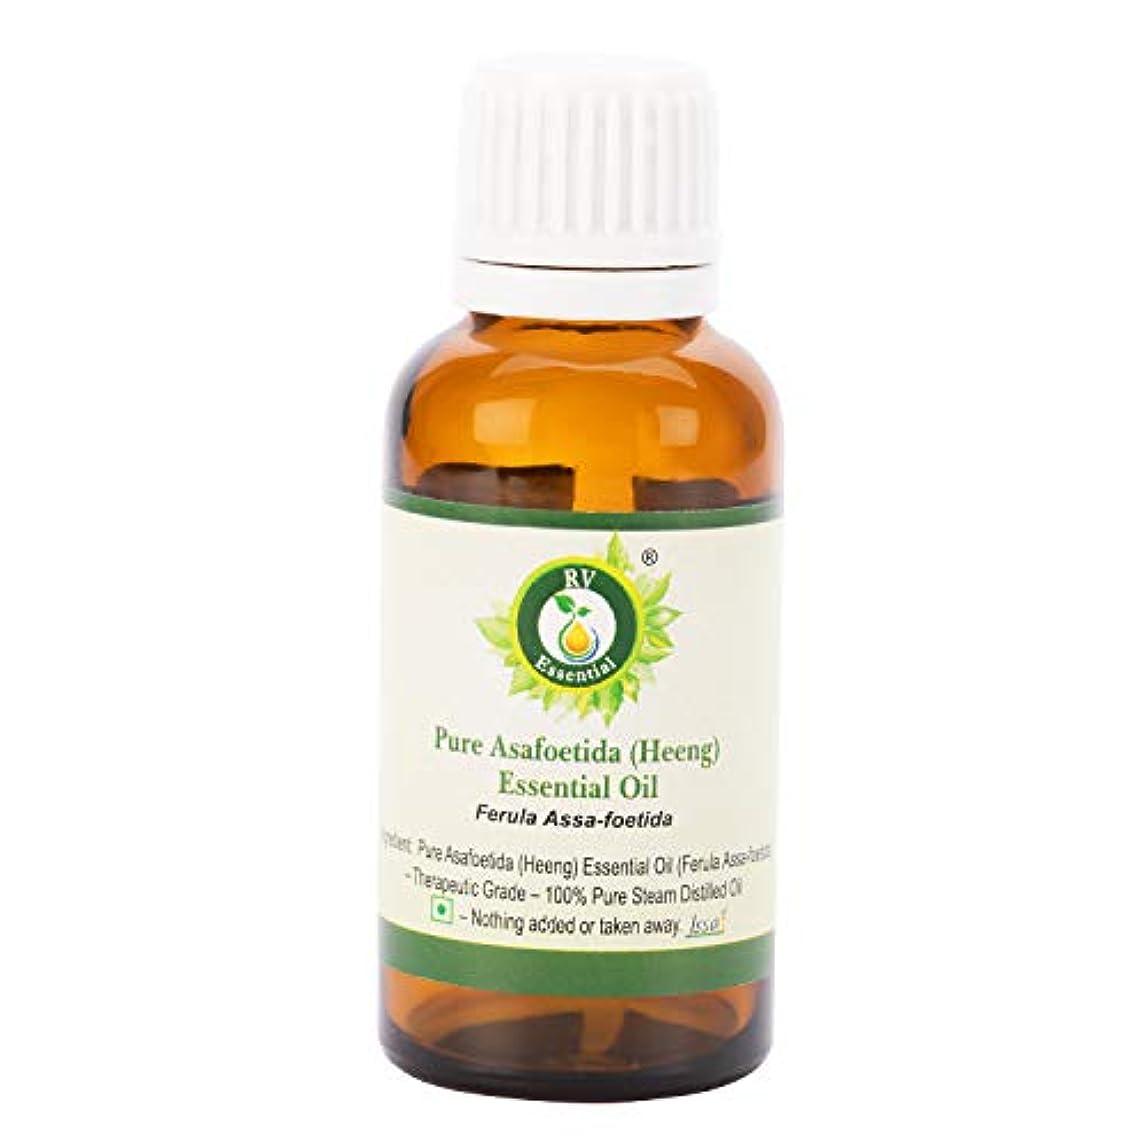 不良ヘロインアコーピュアAsafoetida (Heeng)エッセンシャルオイル50ml (1.69oz)- Ferula Assa (100%純粋&天然スチームDistilled) Pure Asafoetida (Heeng) Essential...